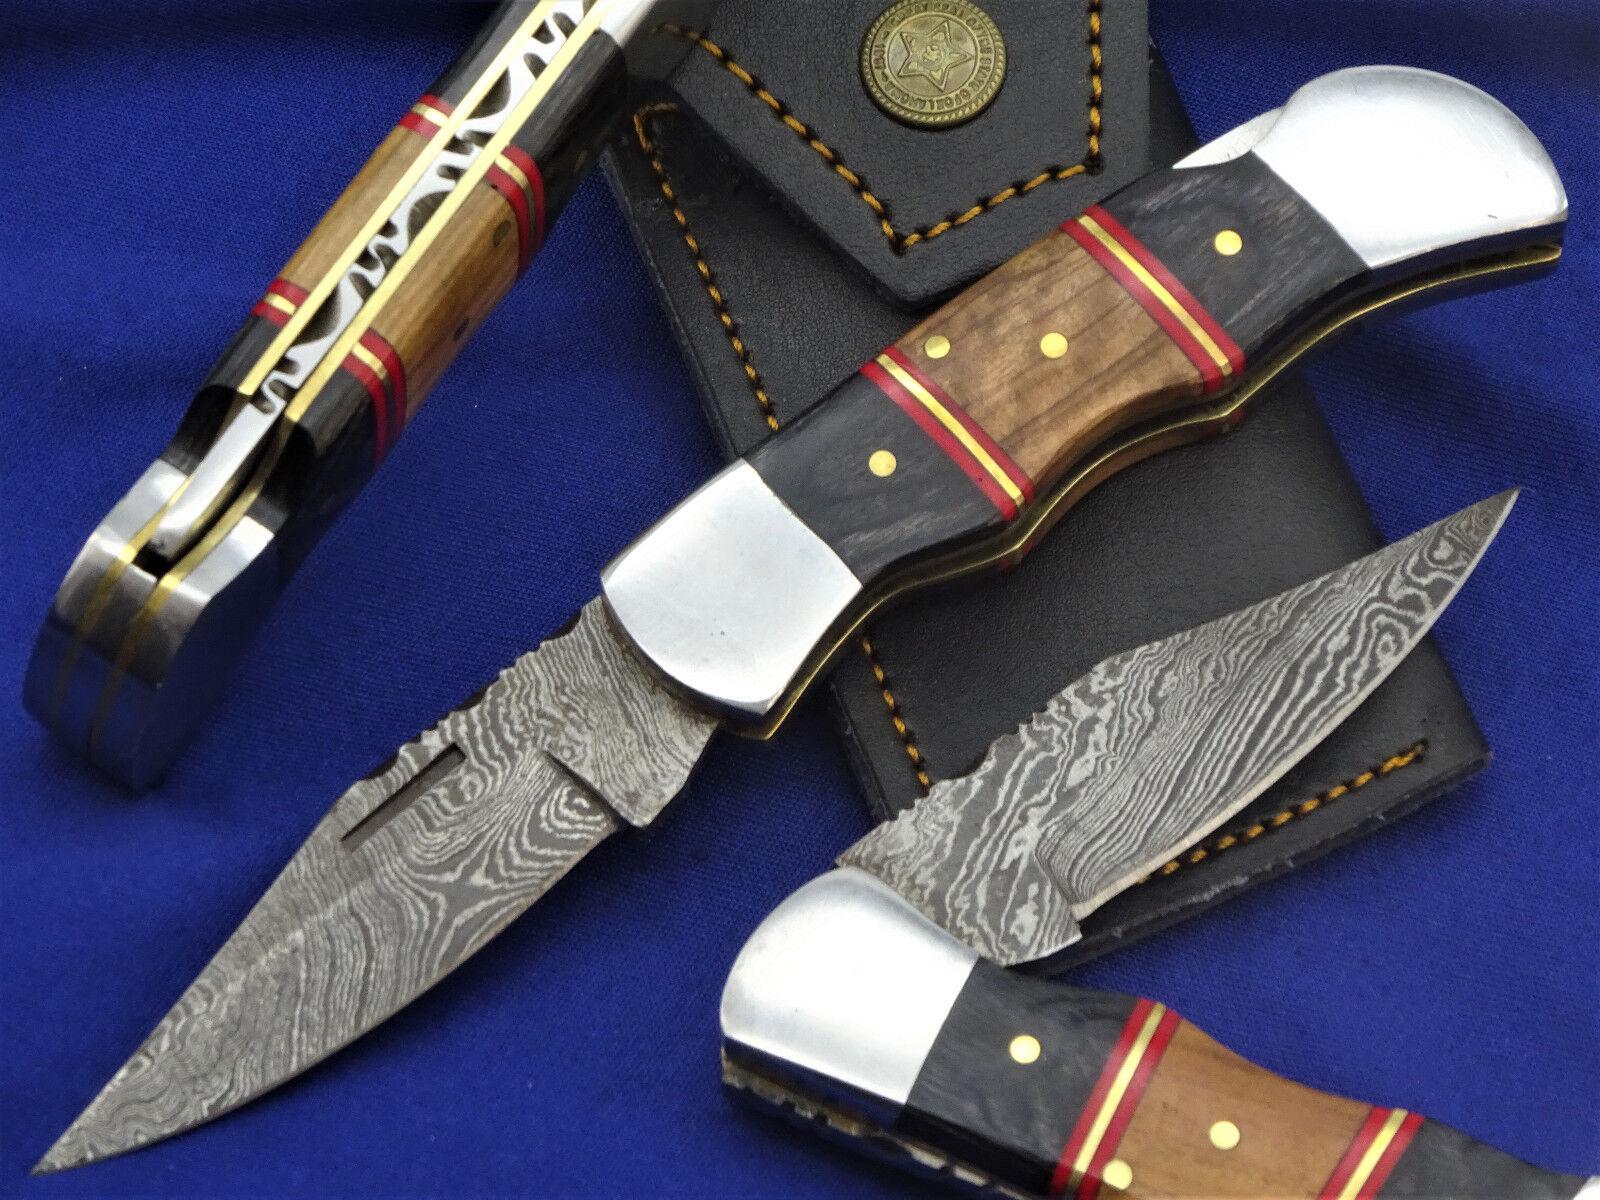 Damastmesser Taschenmesser Jagdmesser-Damast taschenmesser- Klappmesser     (B3)